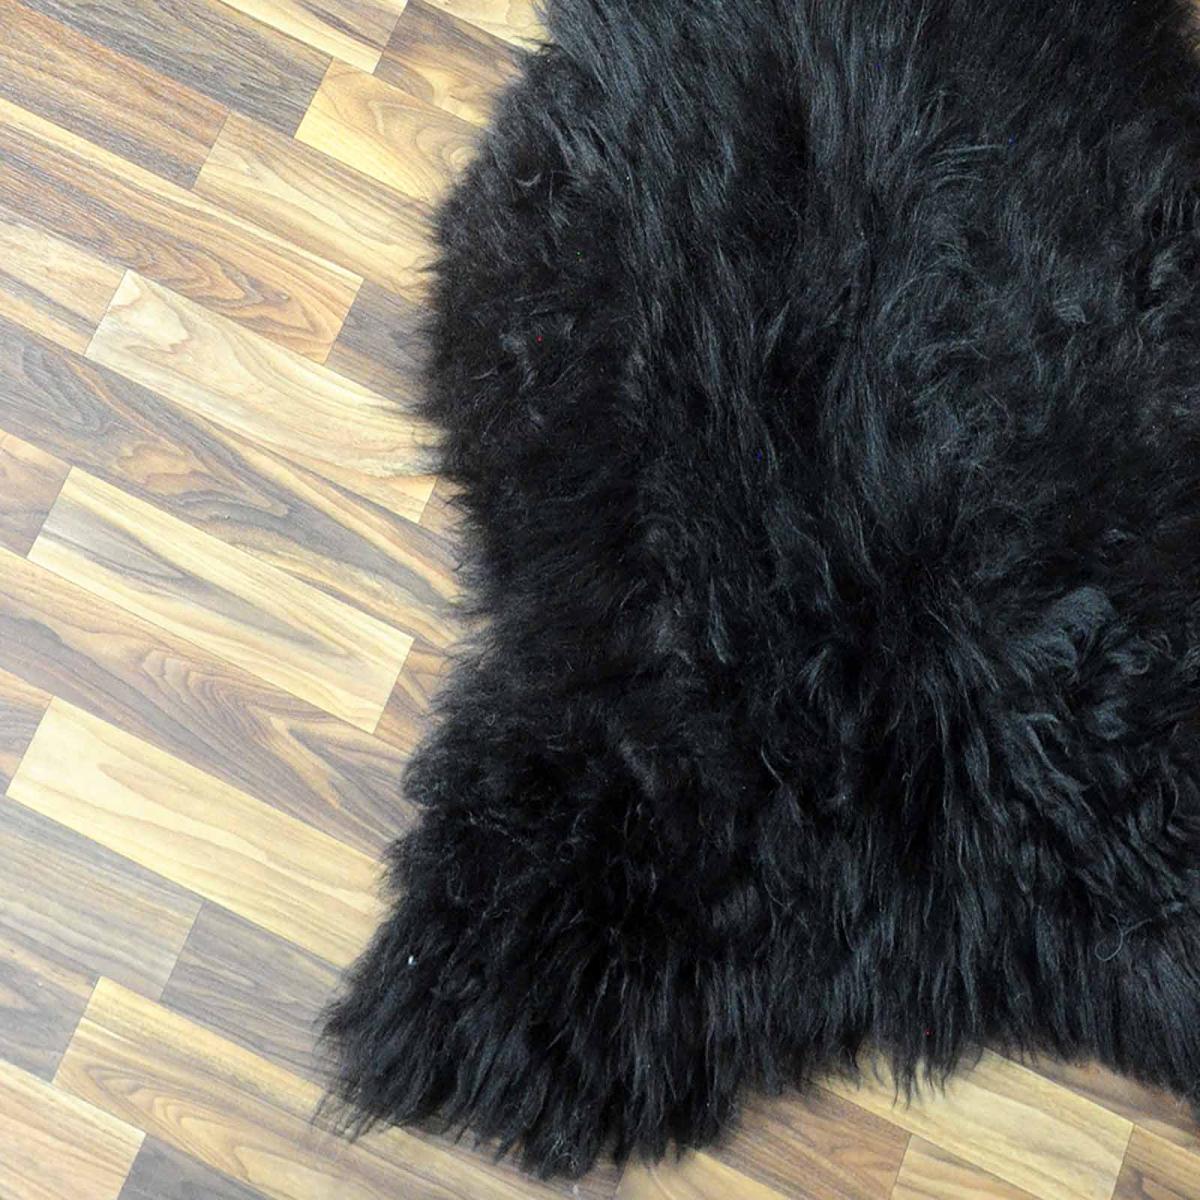 xxl ko schaffell fell creme wei braun 115x80 geschoren. Black Bedroom Furniture Sets. Home Design Ideas